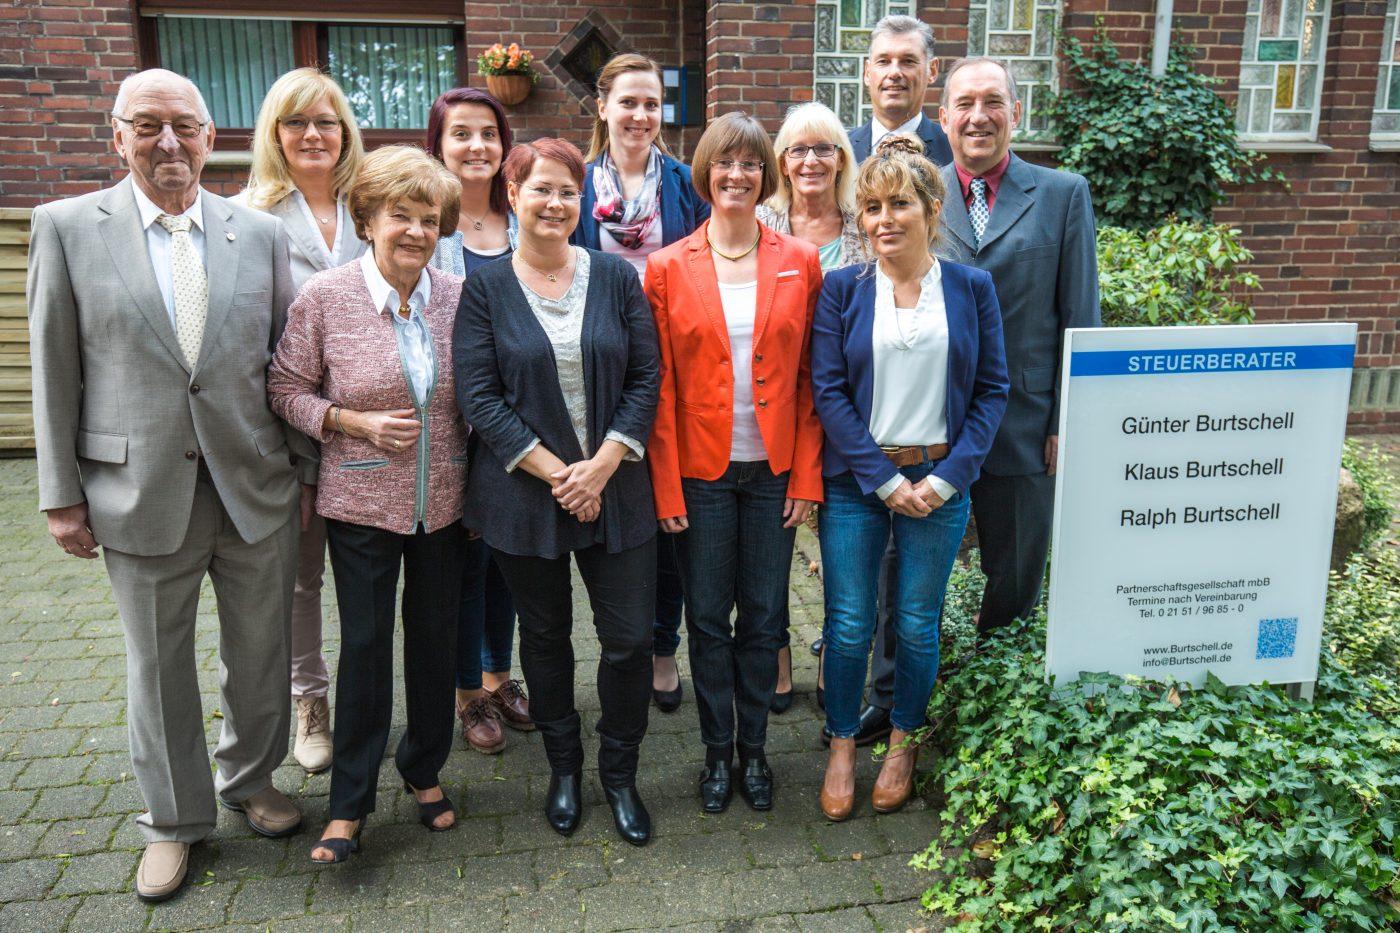 Gruppenbild der Mitarbeiter von Burtschell & Partner aus Krefeld